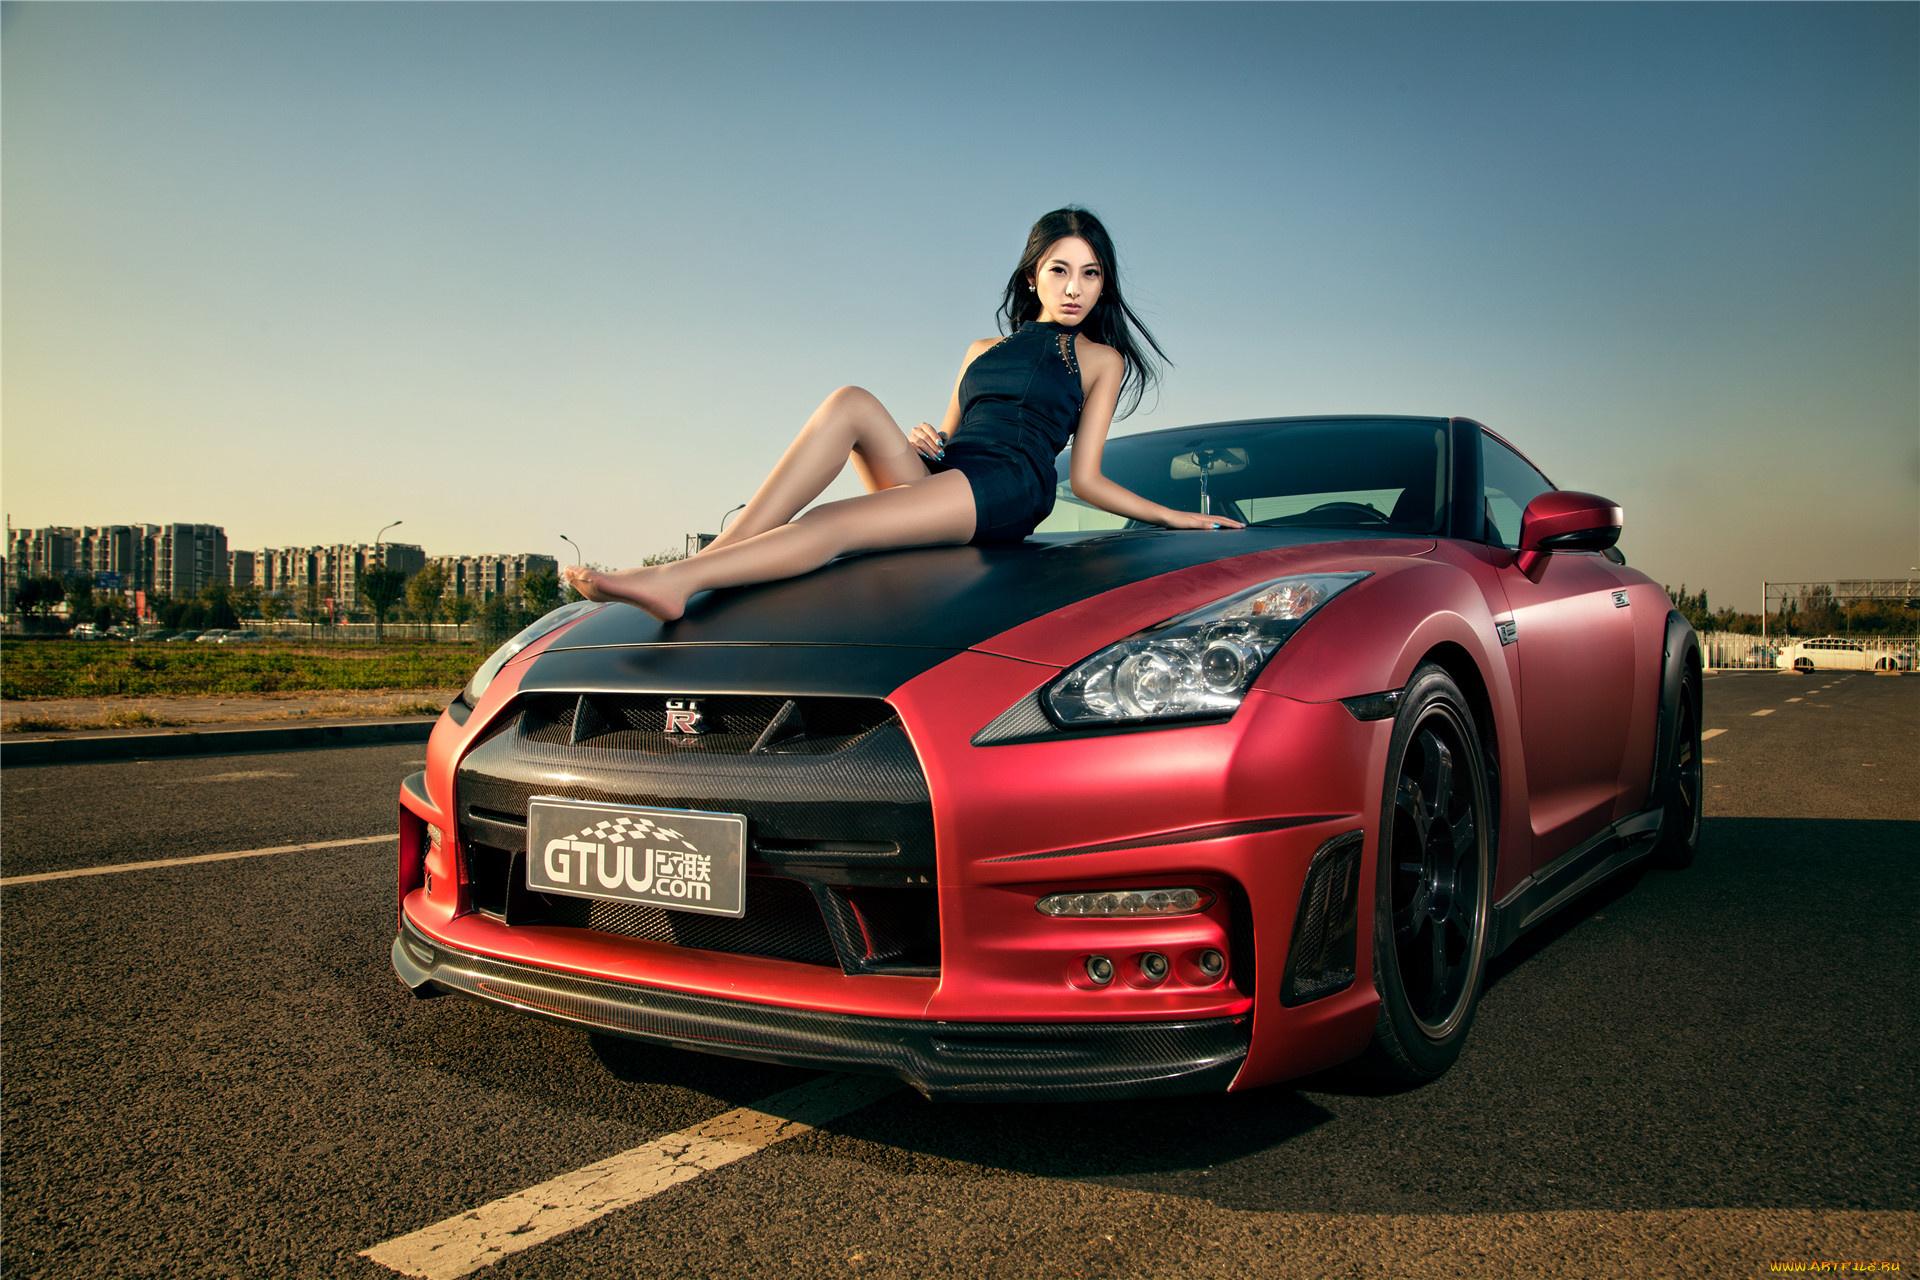 Фото авто девки, Сексуальные девушки и автомобили 18 фотография